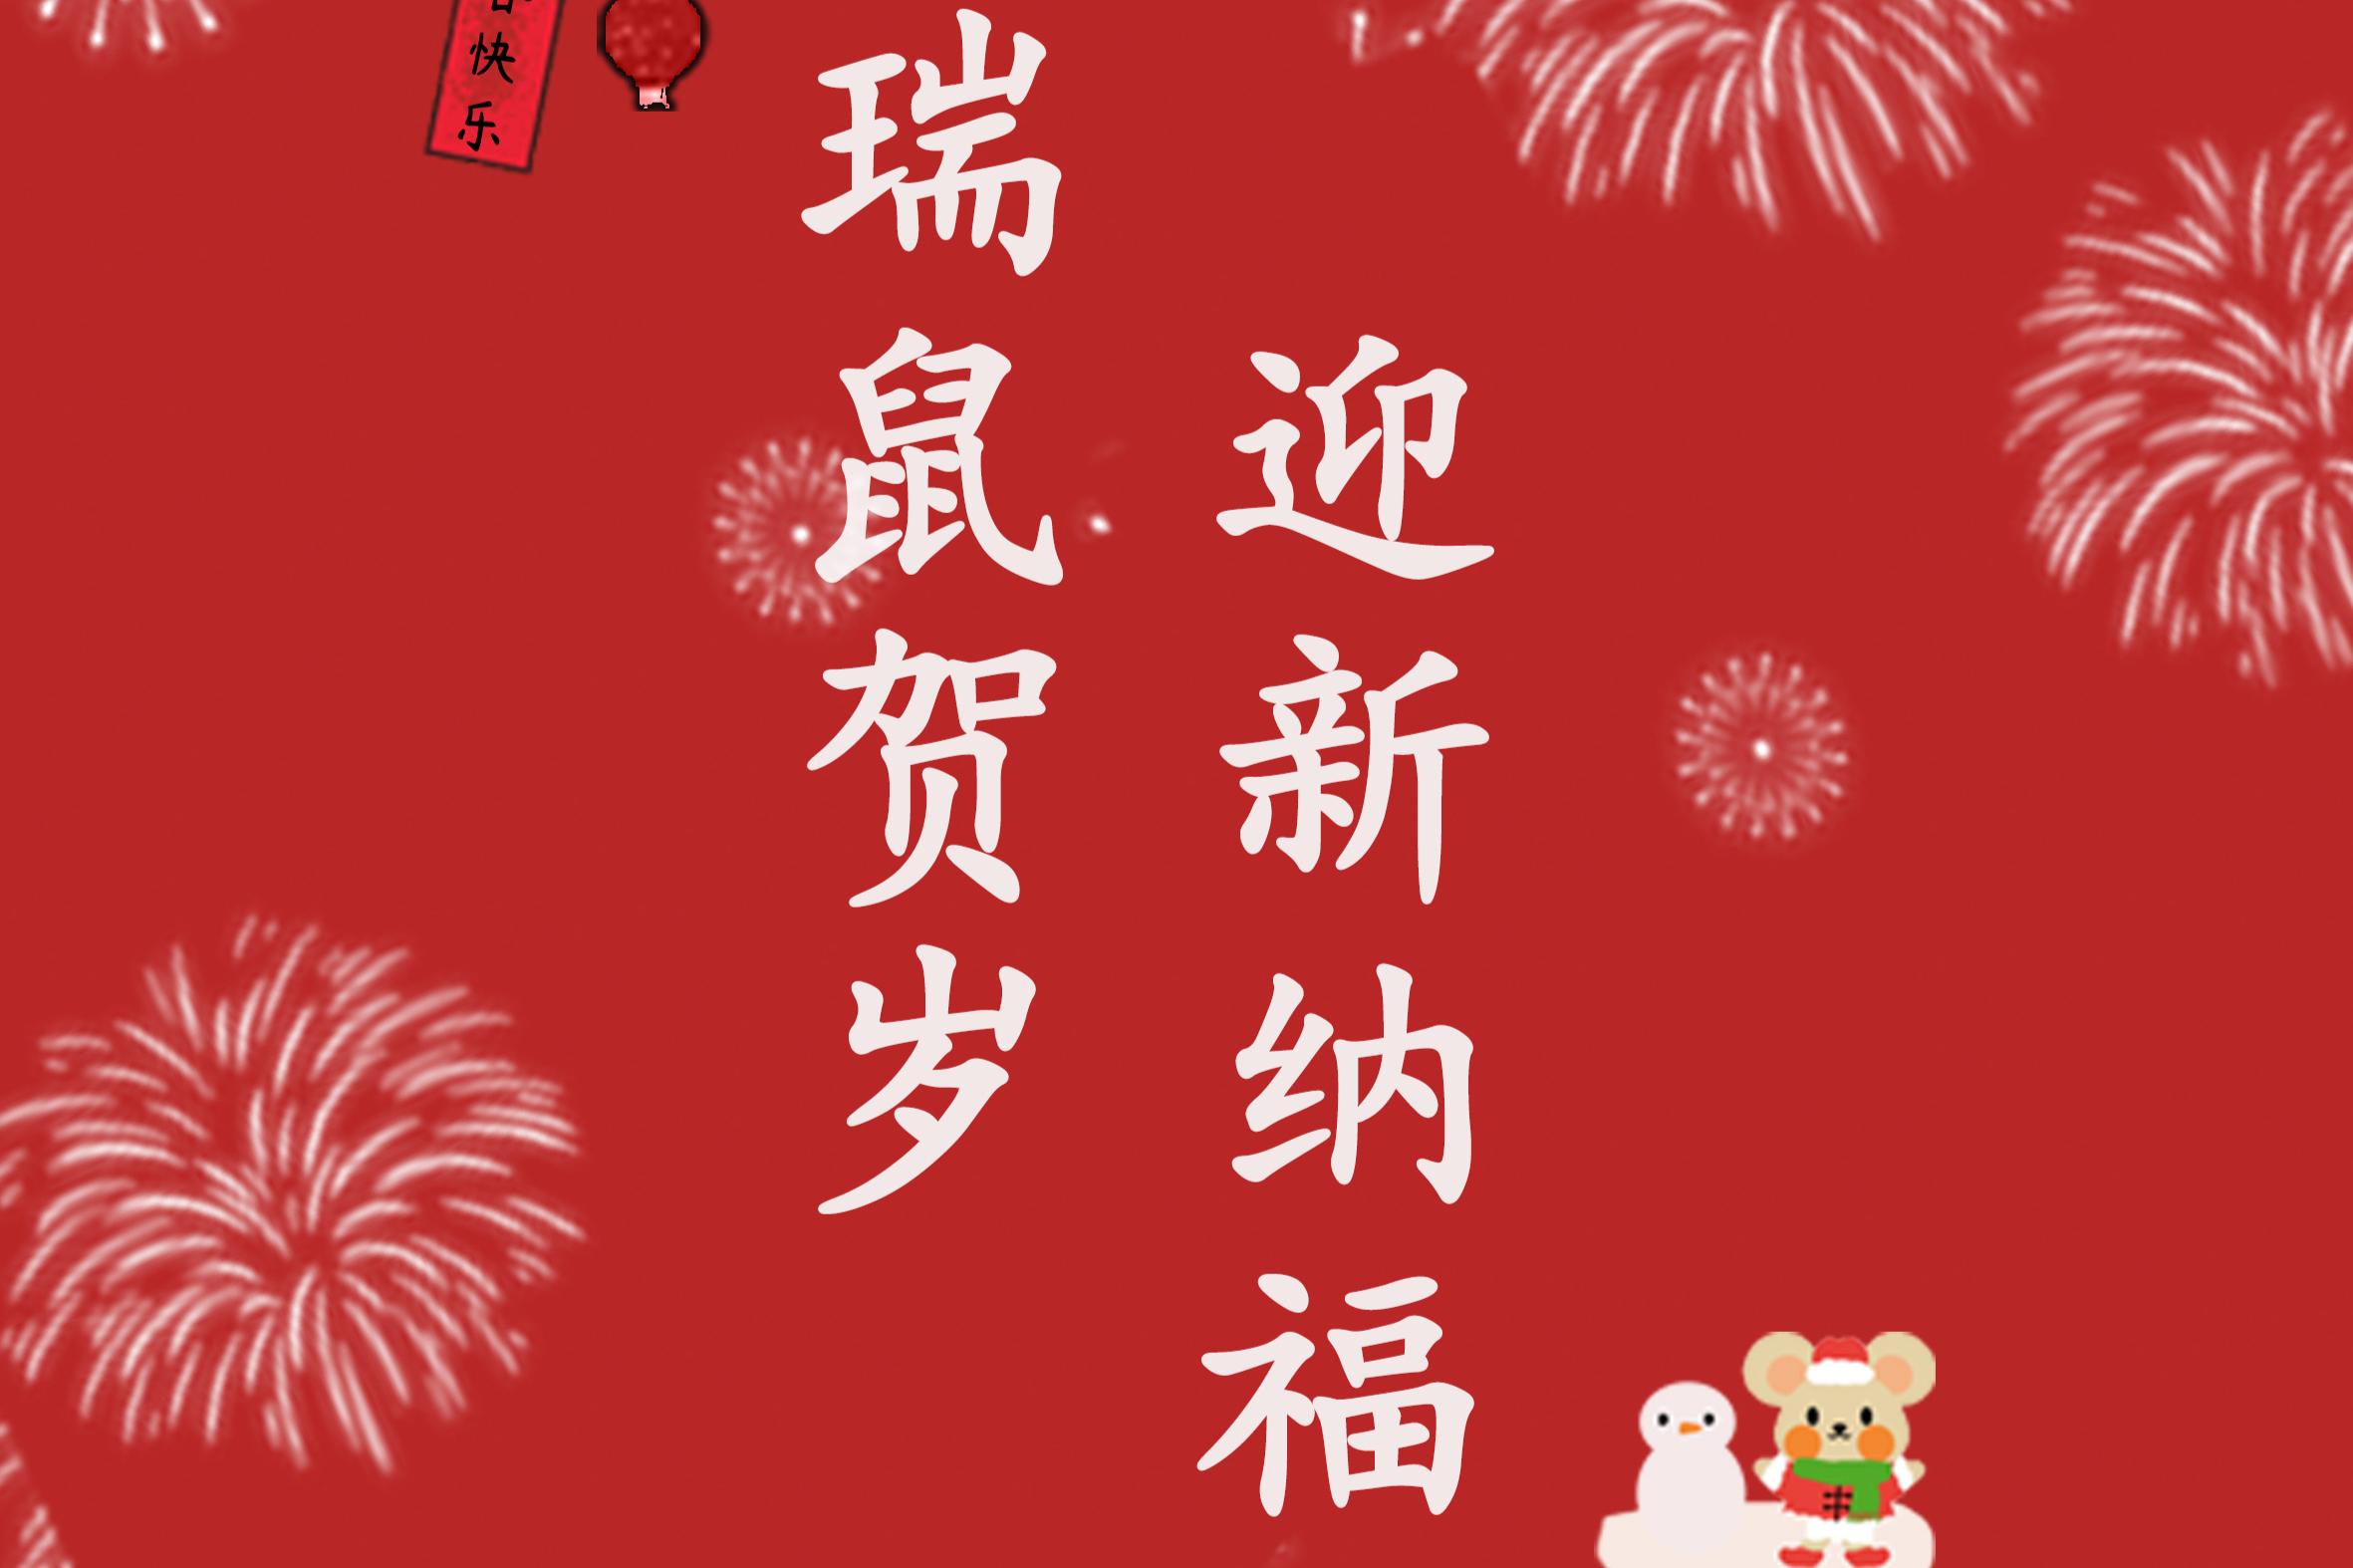 新春佳节,平安喜乐